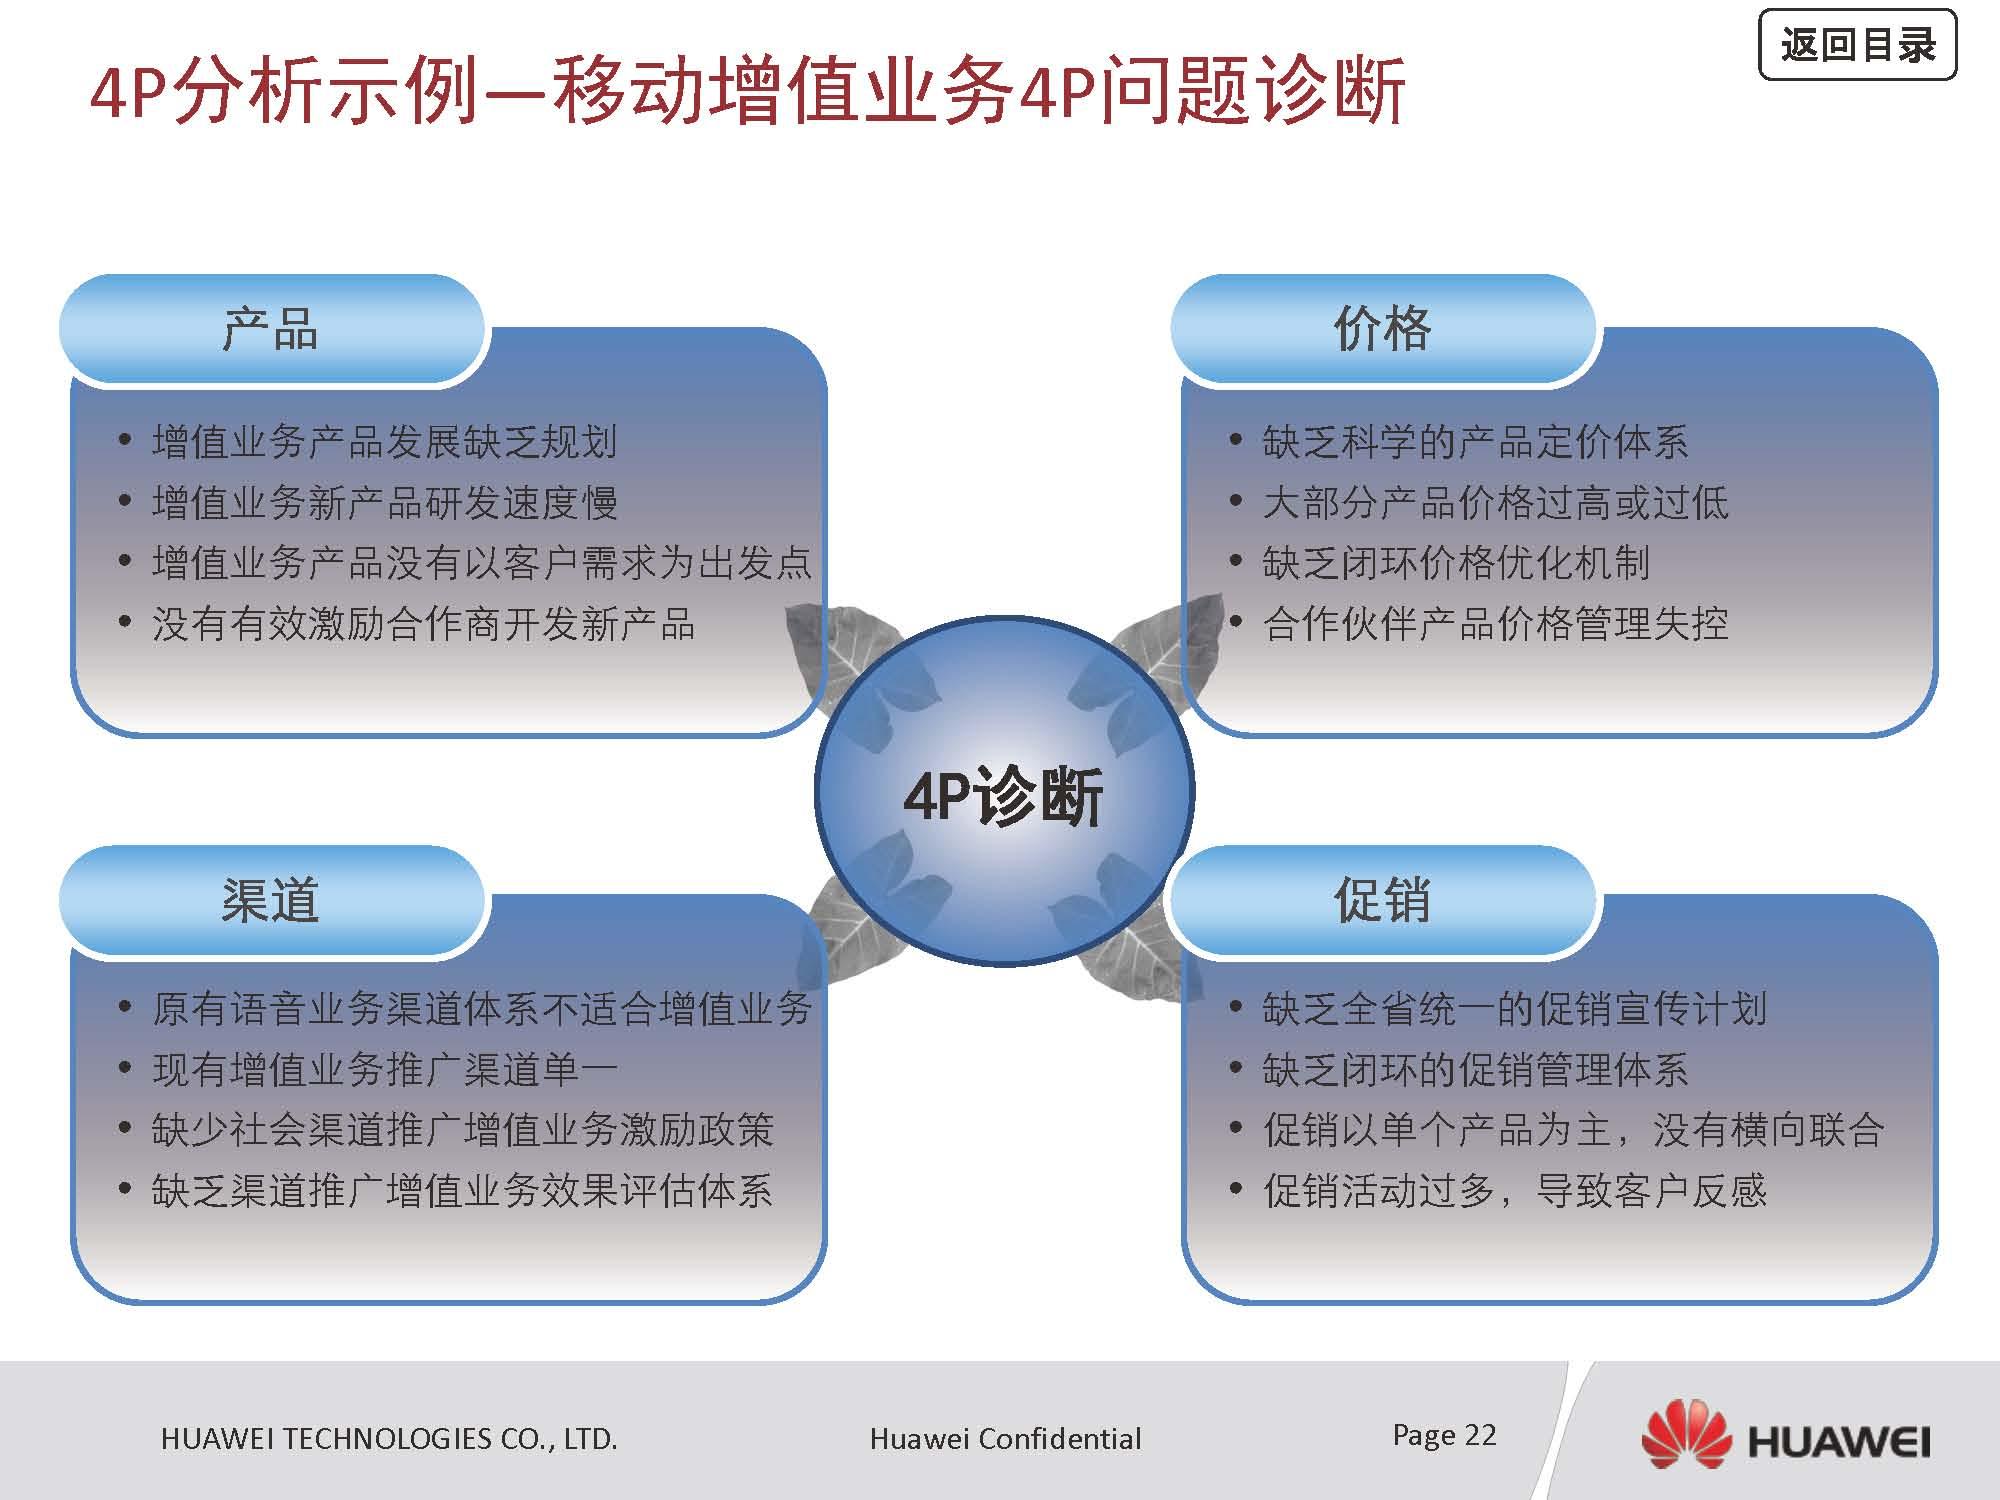 数据分析方法进阶,咨询方法论:华为管理者应知应会!